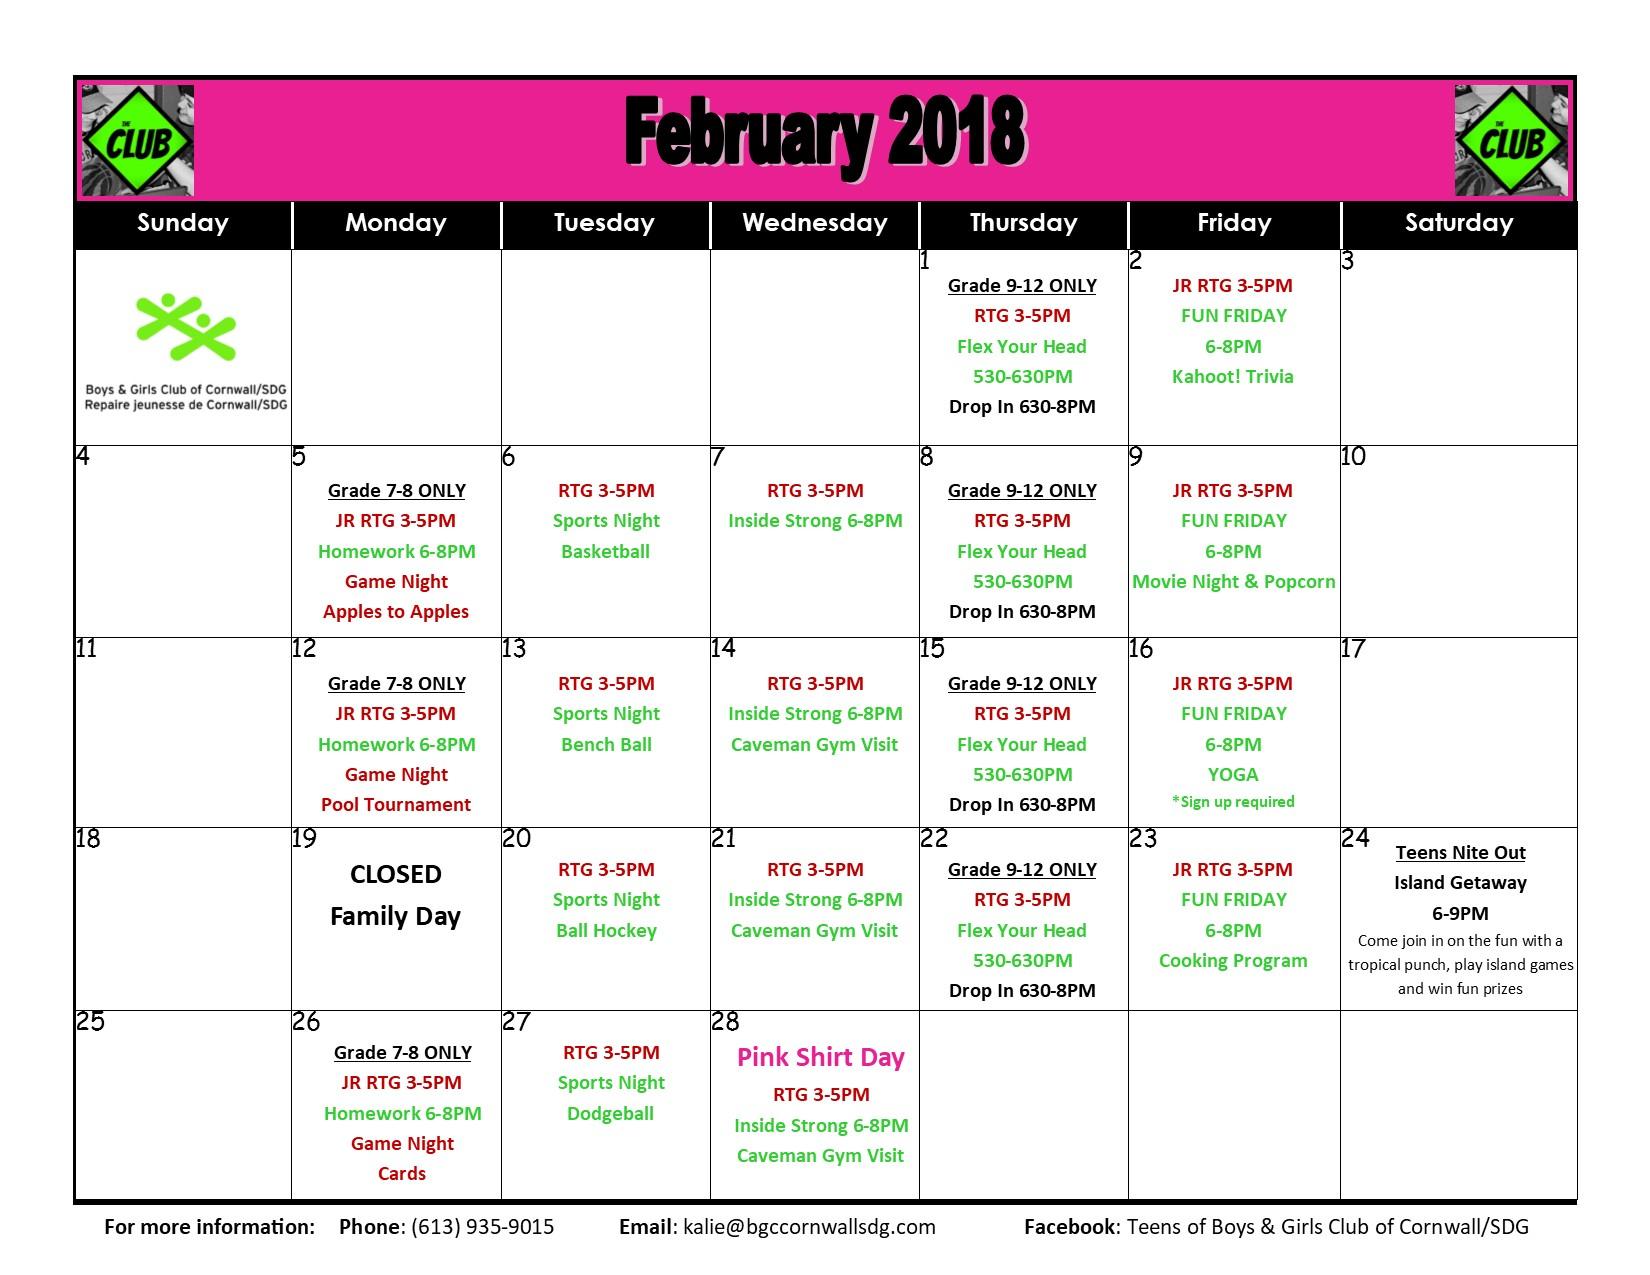 Boys And Girls Club Youth Program Calendar | With Boys And Girls Club Calender For Meetingd